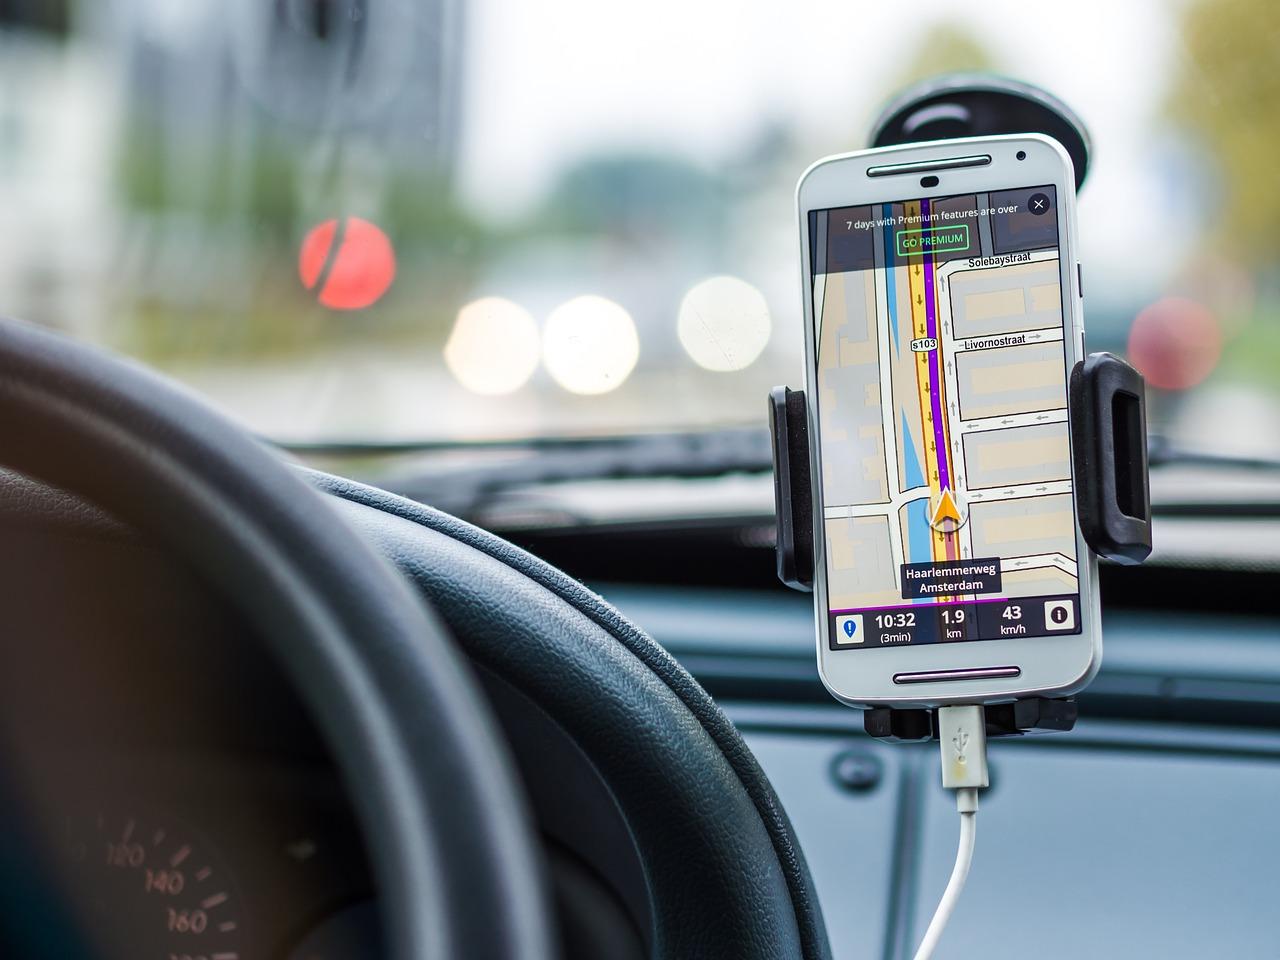 Zakup uchwytu na telefon do samochodu